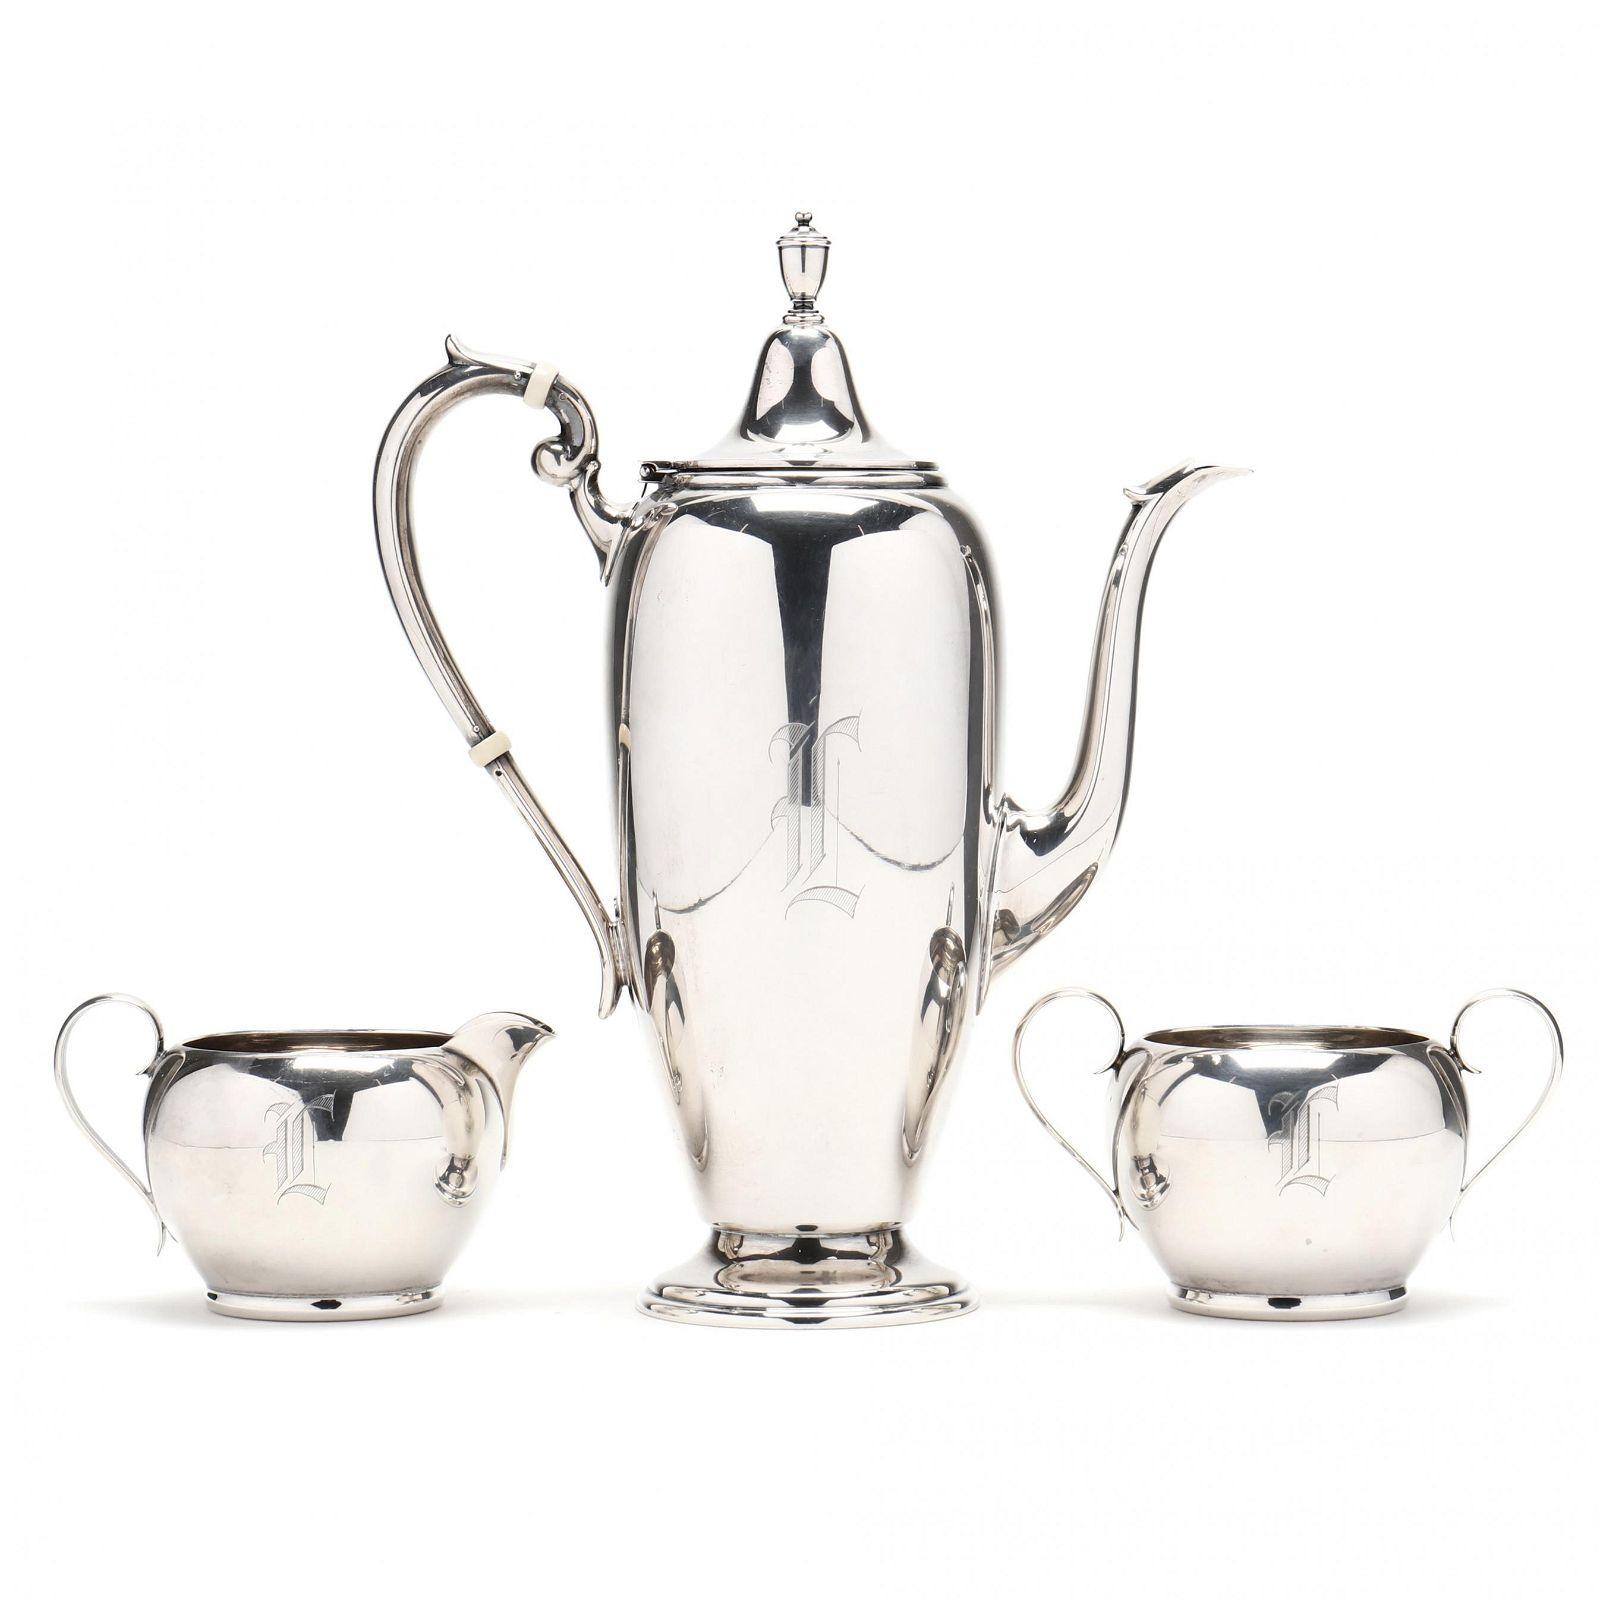 Three Piece Gorham Sterling Silver Coffee Set